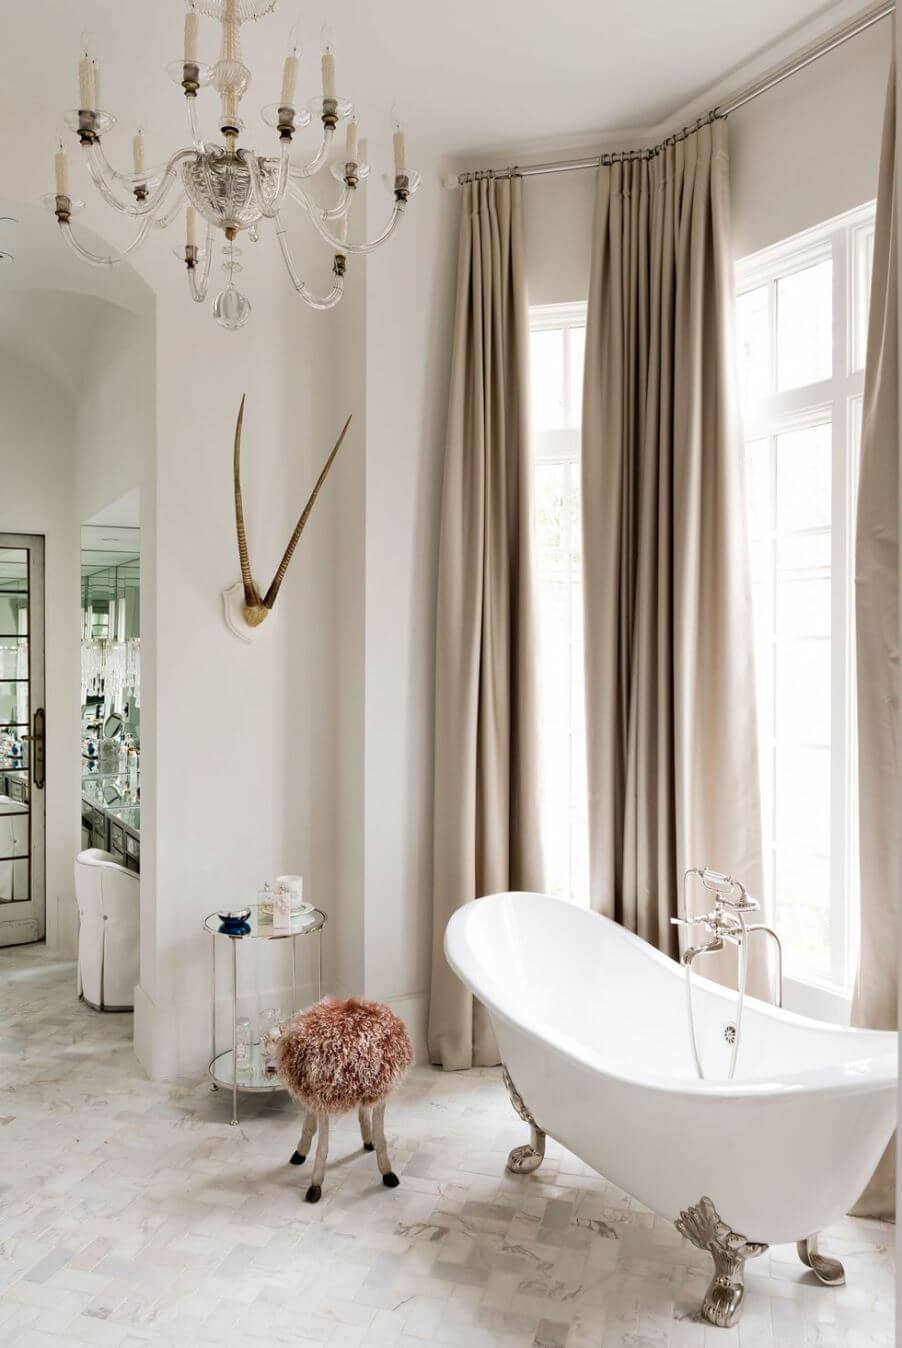 Идея интерьера для большой ванной